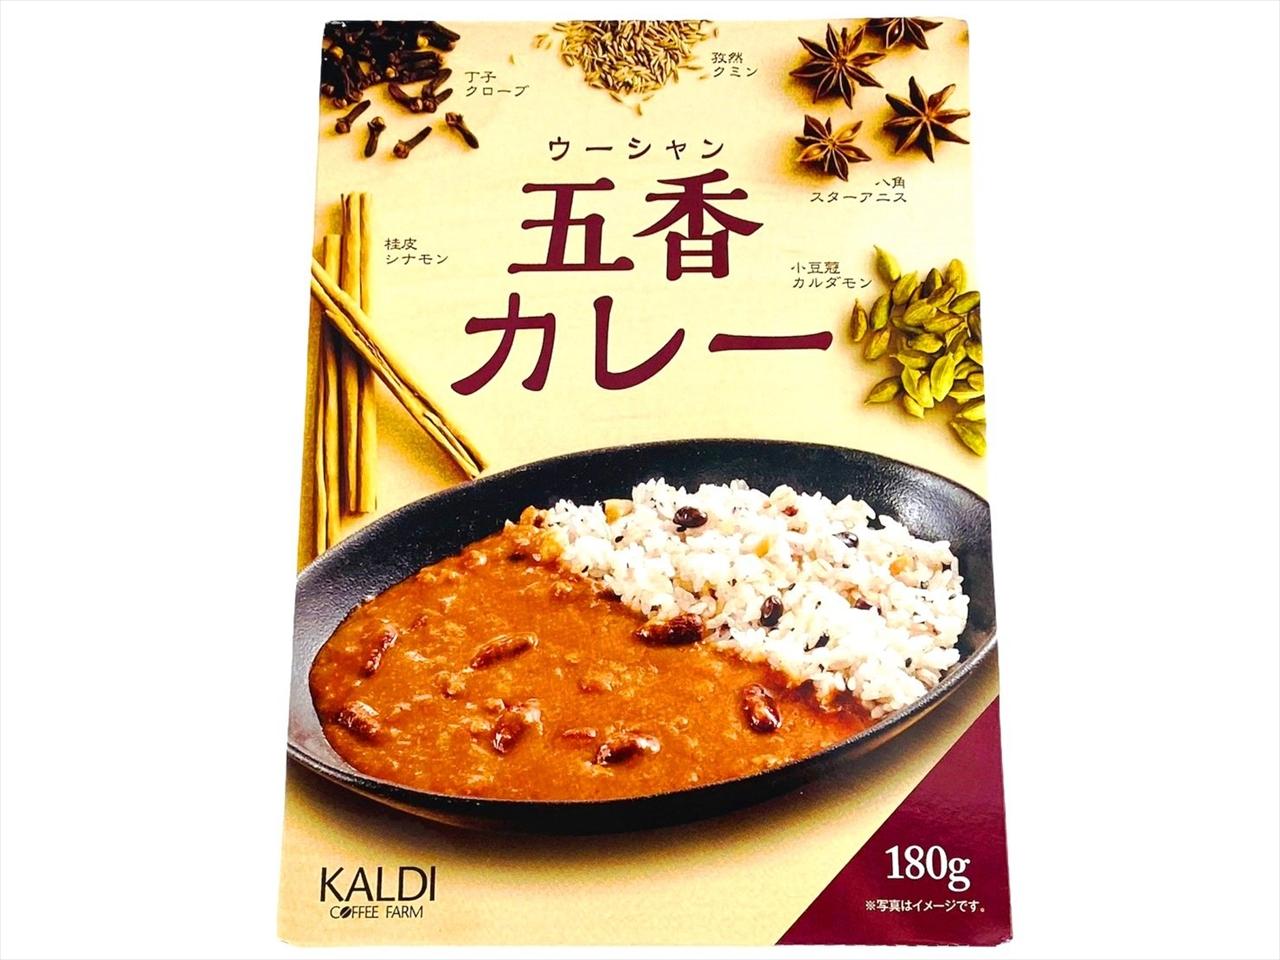 五香カレー 180g 318円